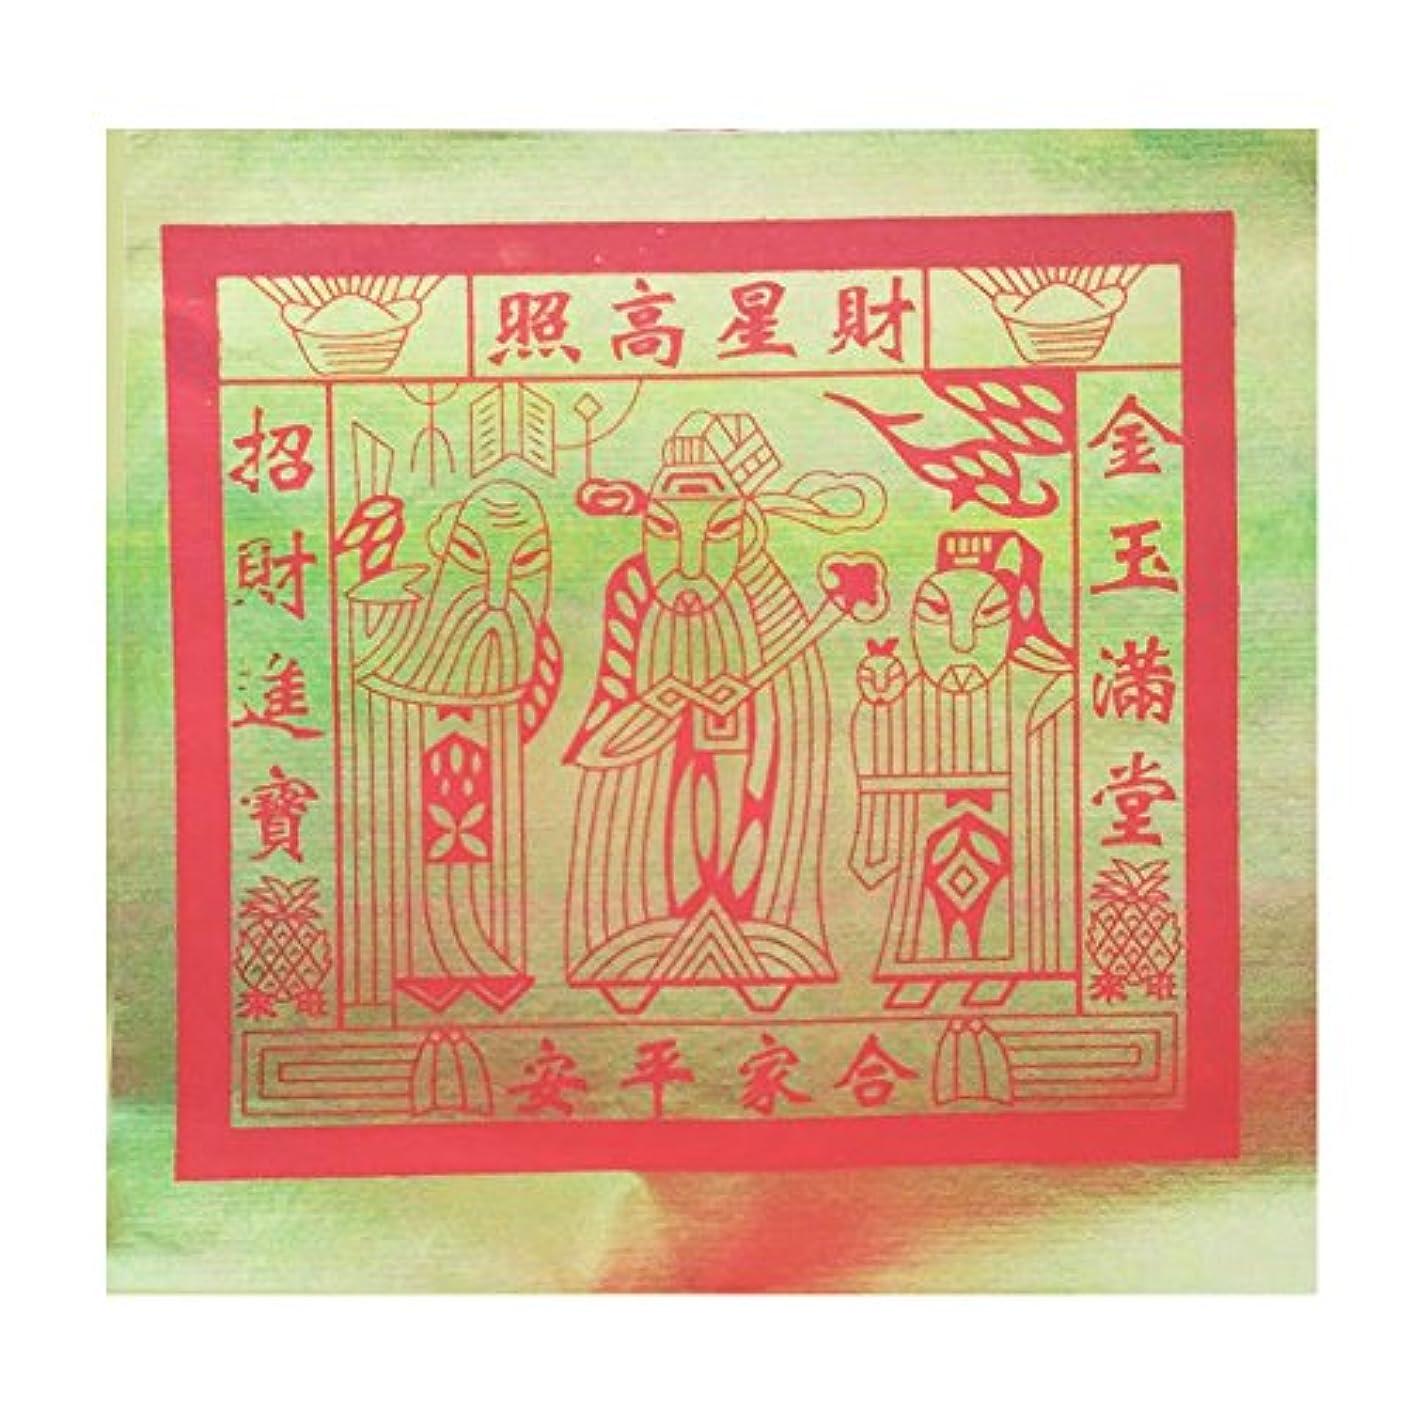 申し込む要件北東100個Incense用紙/ Joss用紙with High Gradeフルゴールド箔サイズ中10.75インチx 10.4インチ